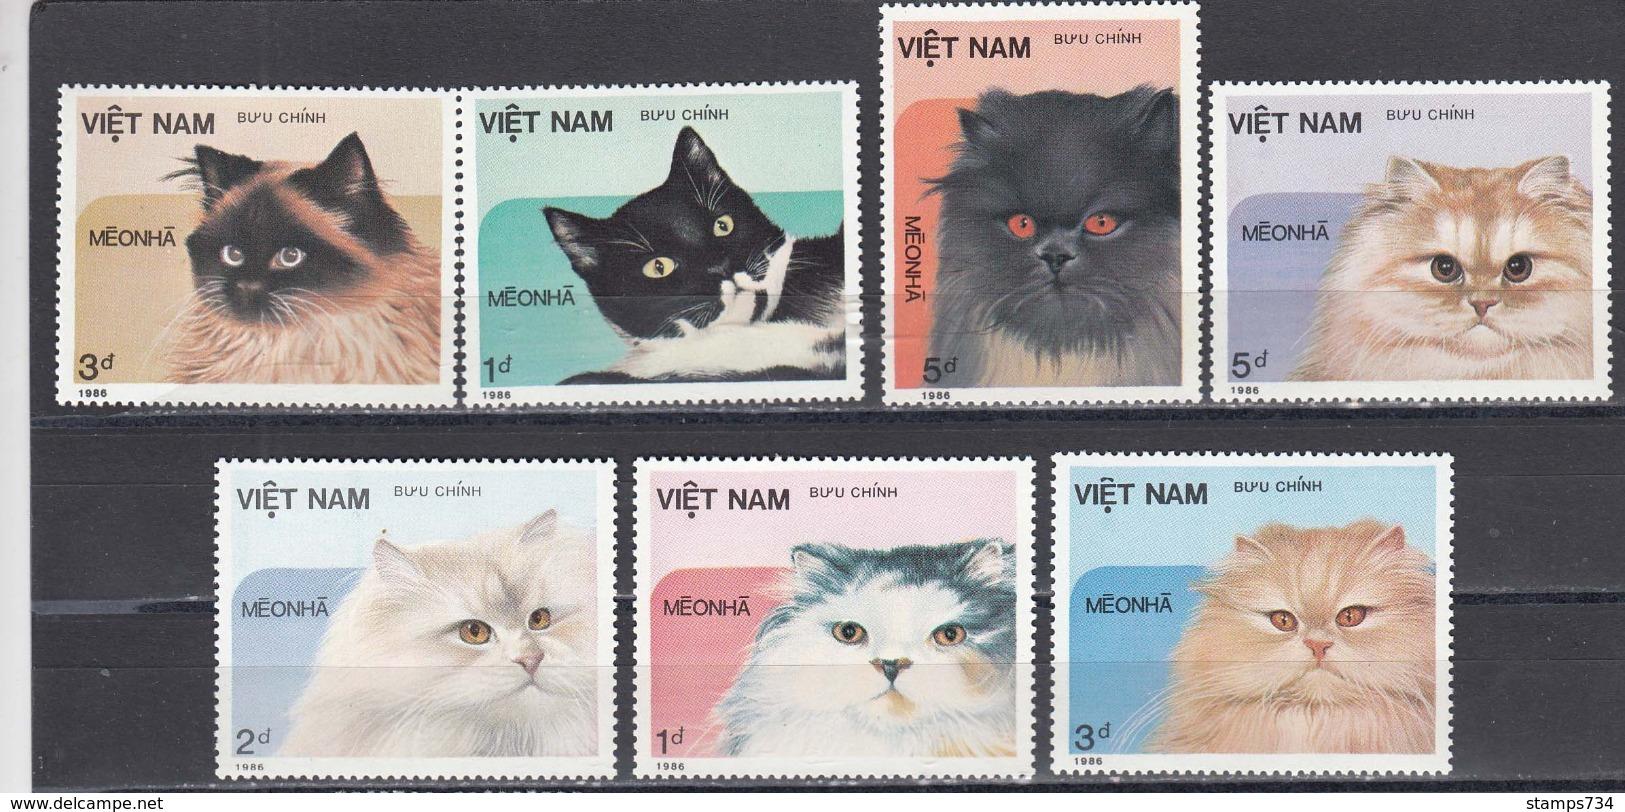 Vietnam 1986 - Cats, Mi-Nr. 1684/90, Dent., MNH** - Vietnam